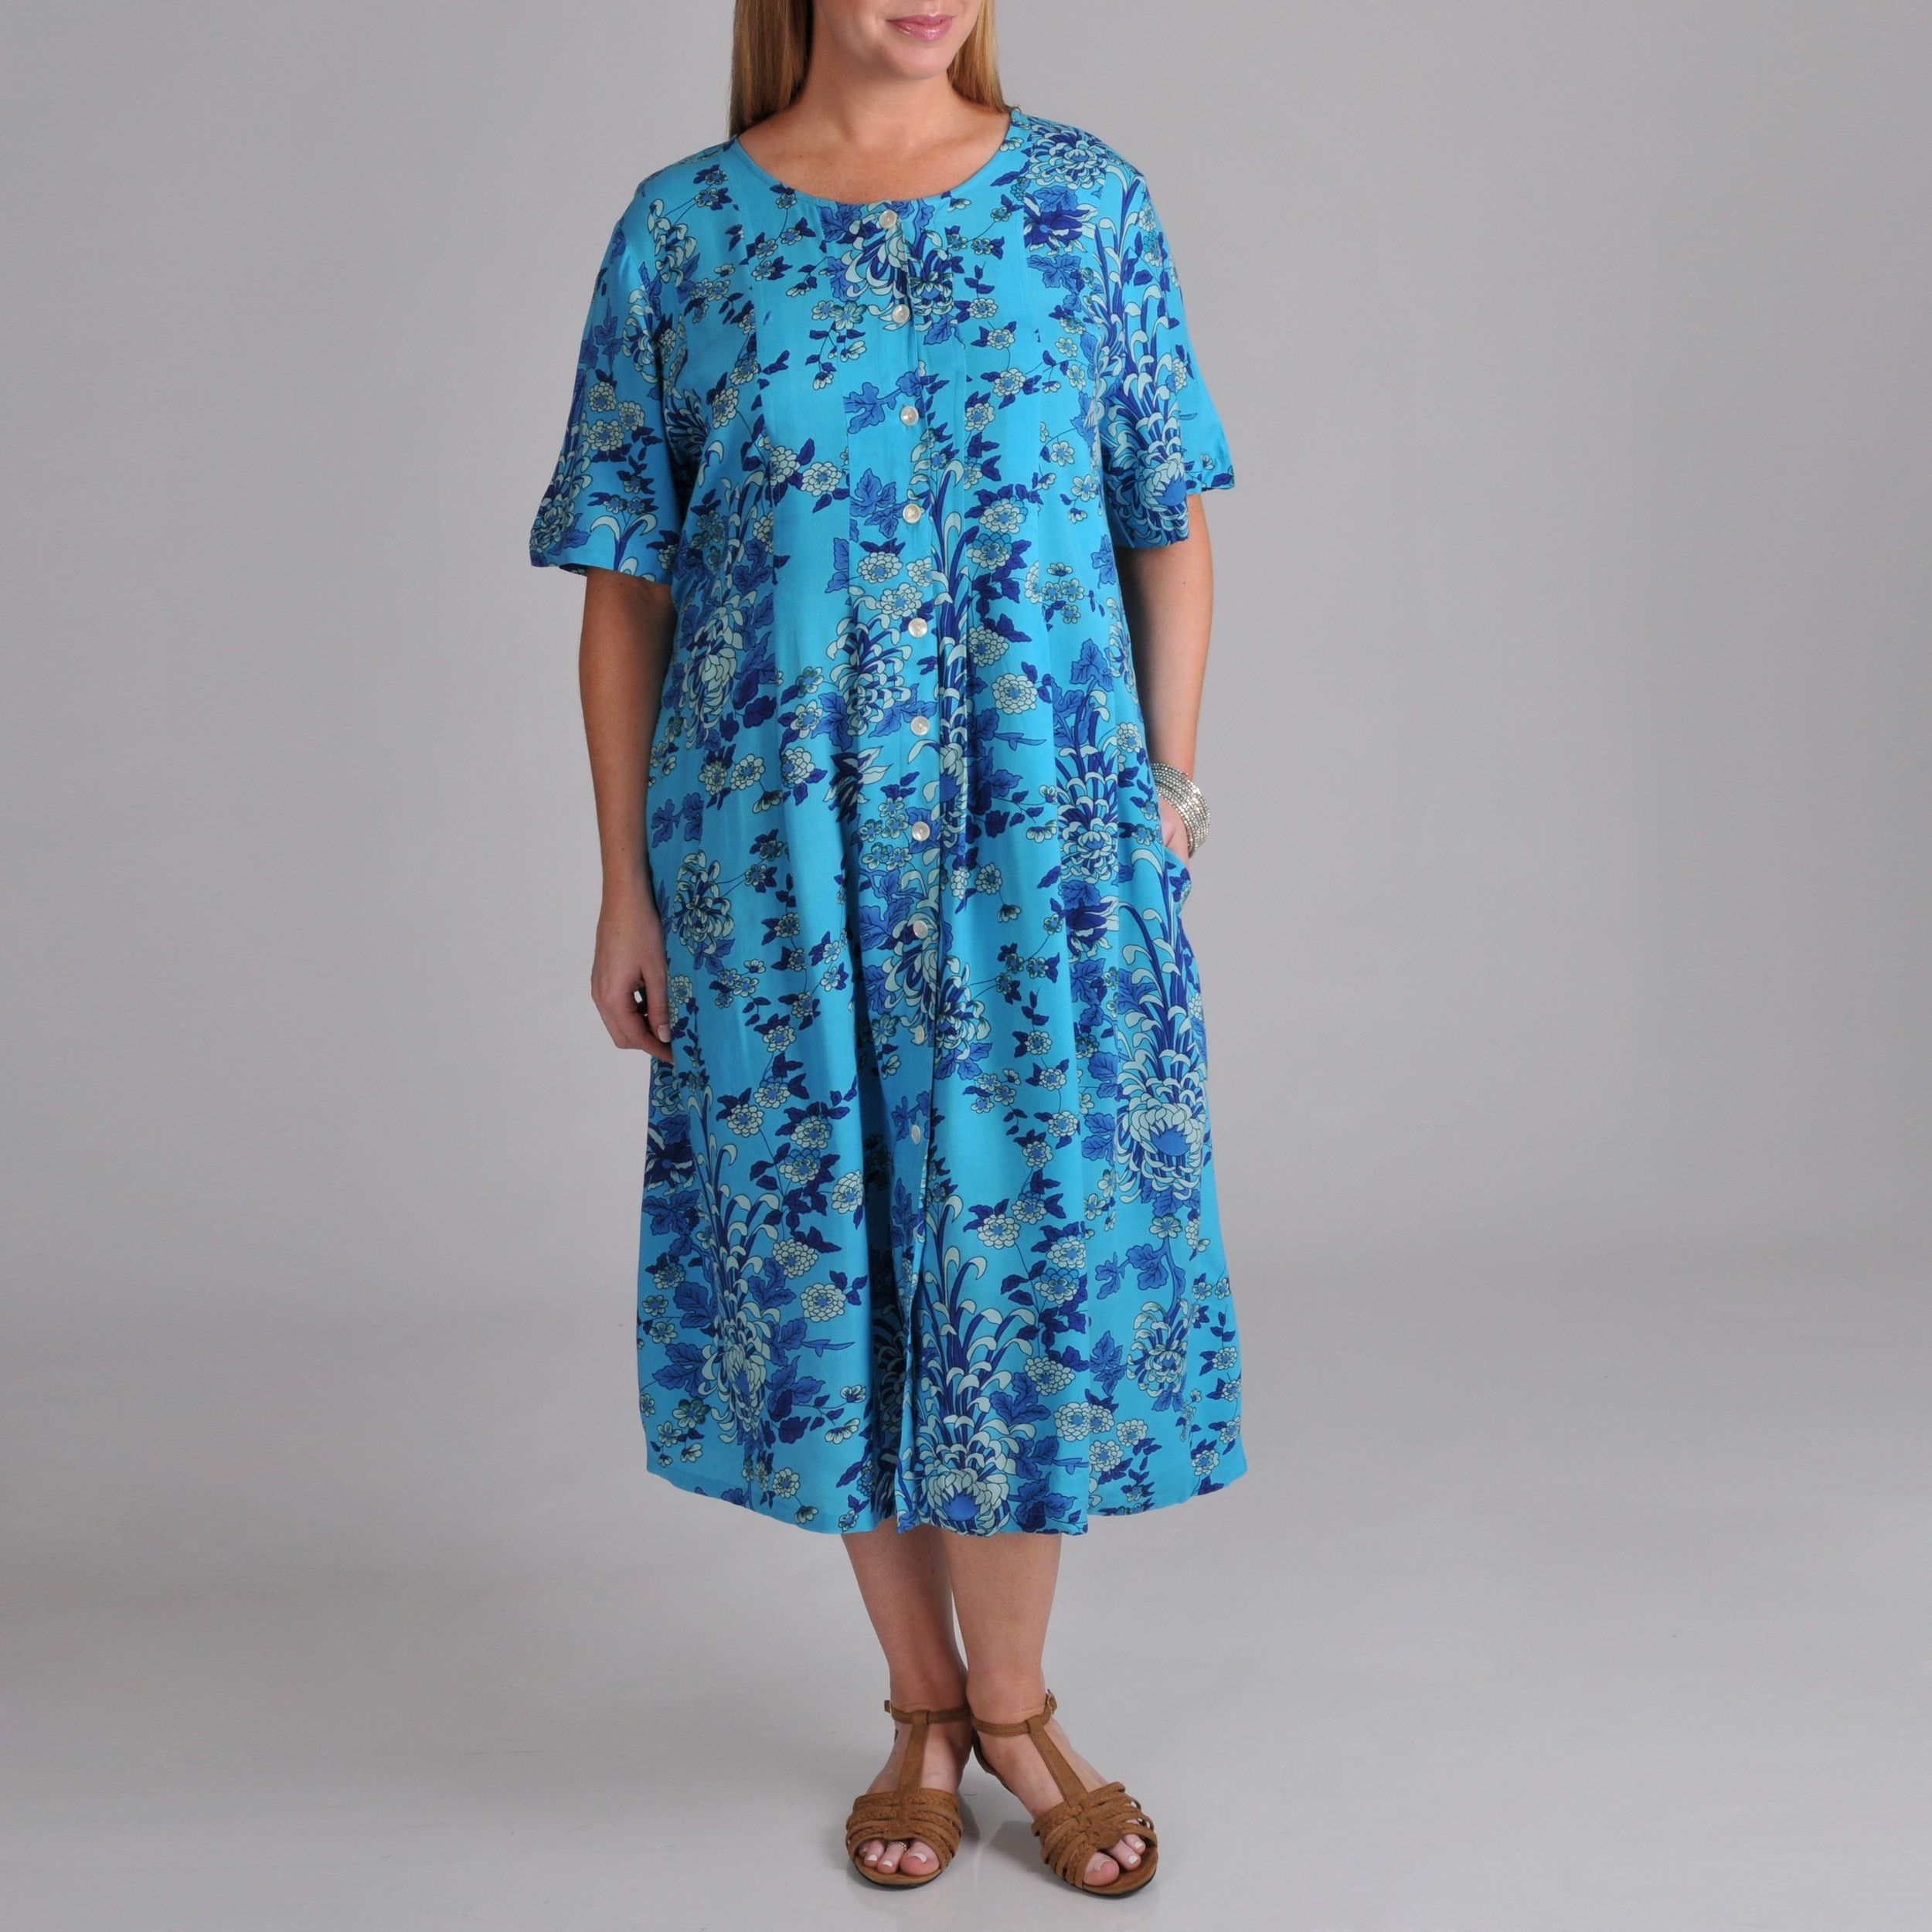 Plus Size La Cera Womens Plus Button Front Dress Products